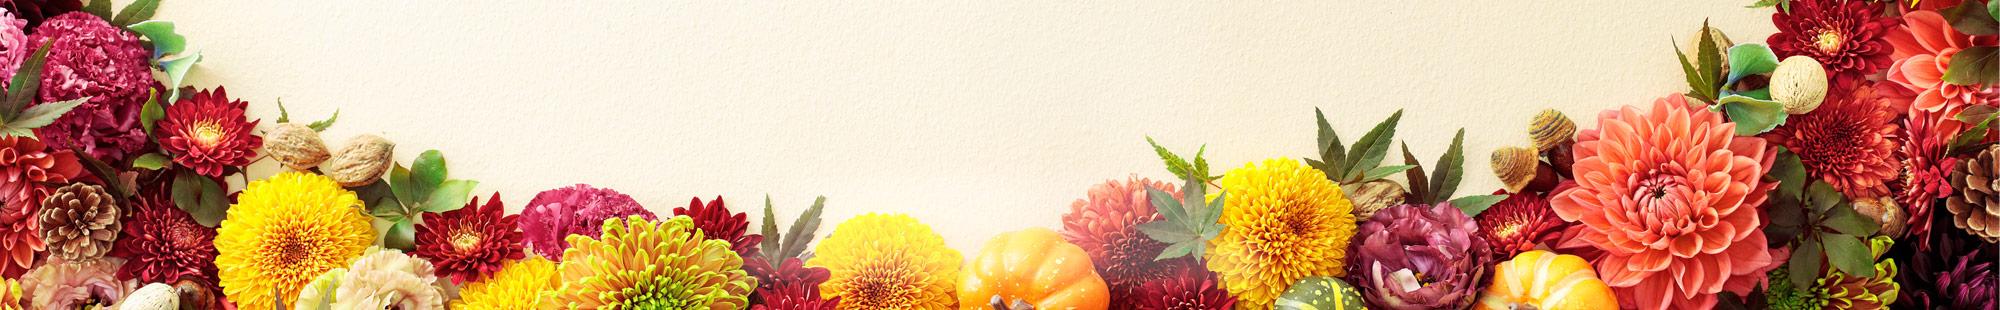 花キューピットの秋の花贈りにおすすめ!人気のプレゼント特集 2019